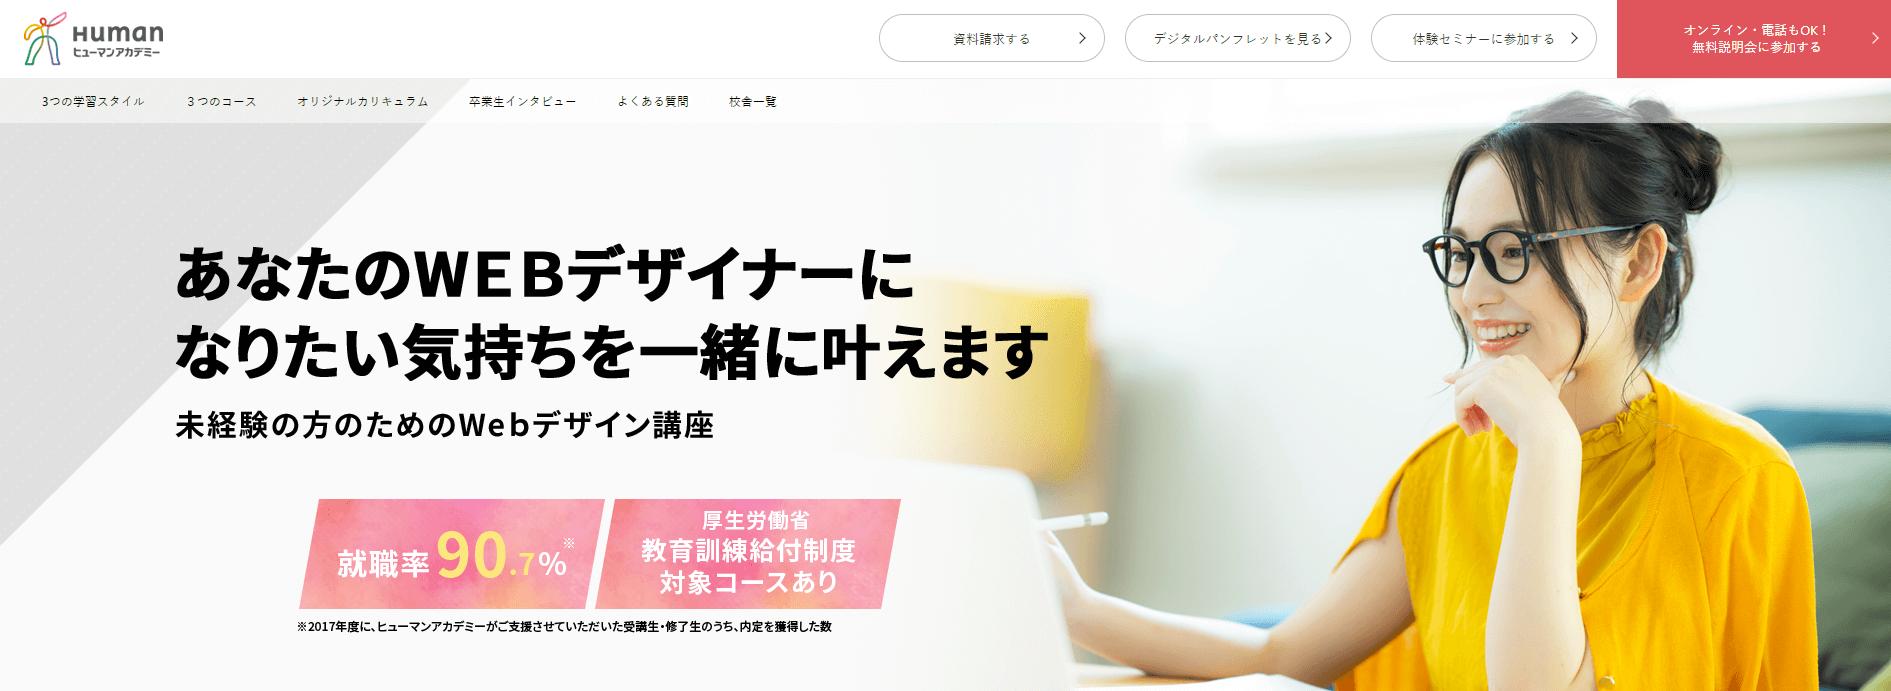 webデザイン_スクール_転職サポートが強い_ヒューマンアカデミー